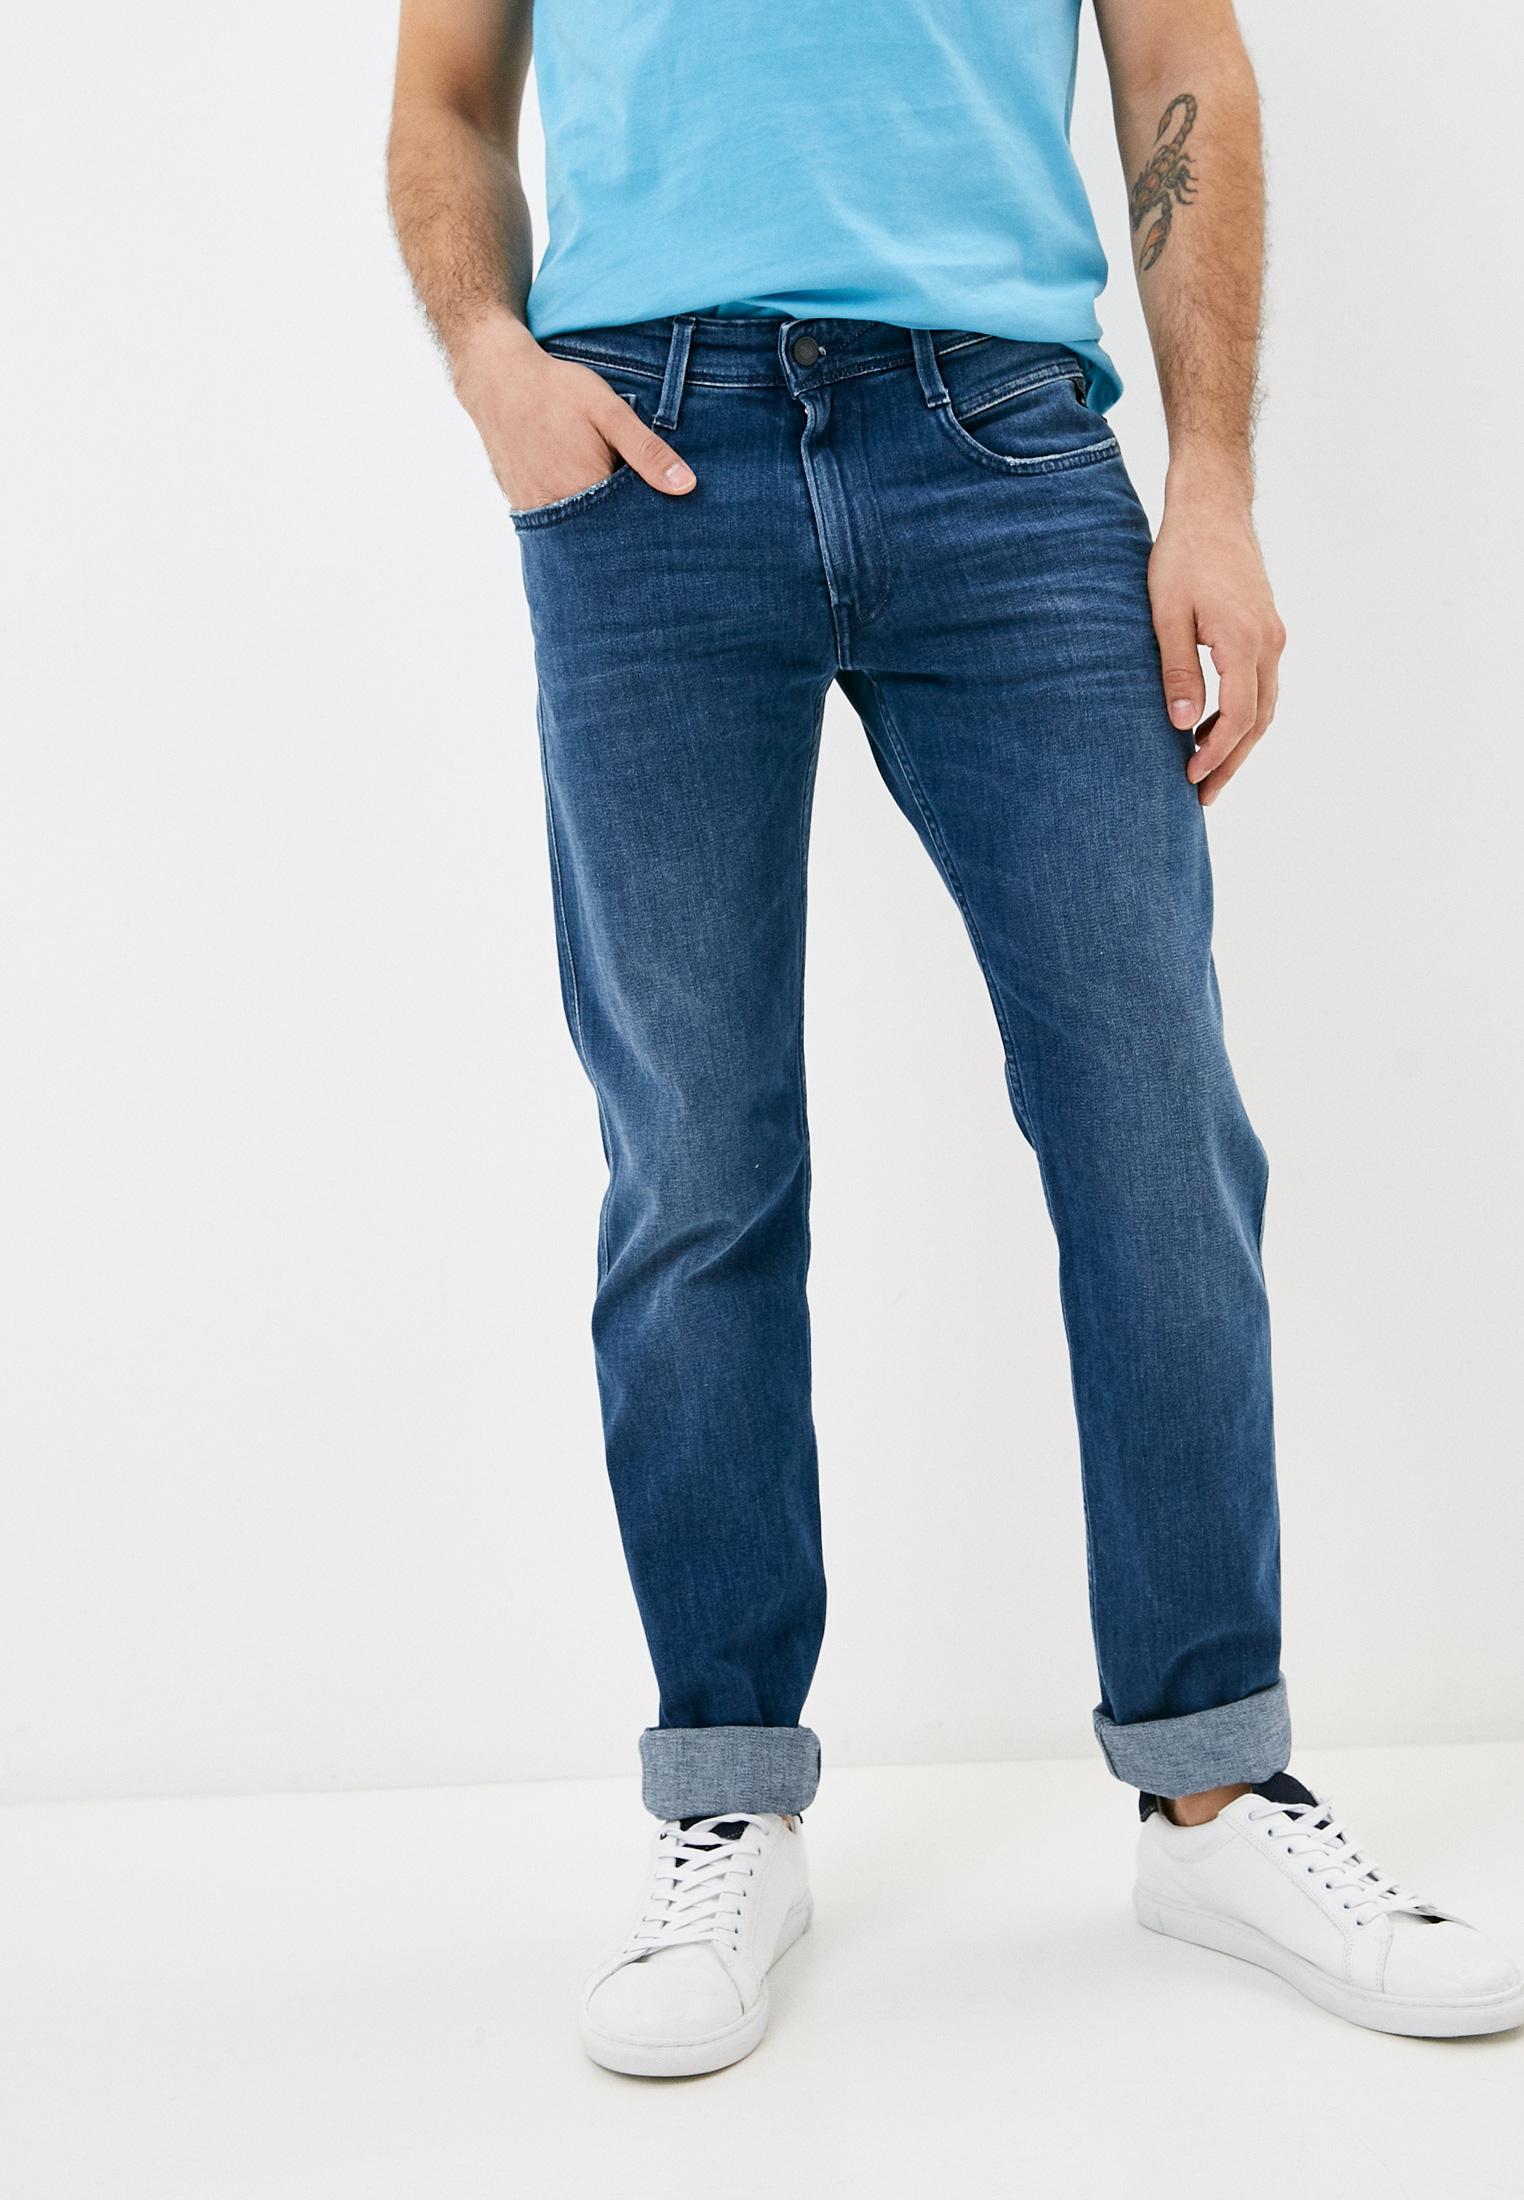 Зауженные джинсы Replay (Реплей) M914Y.000.353862